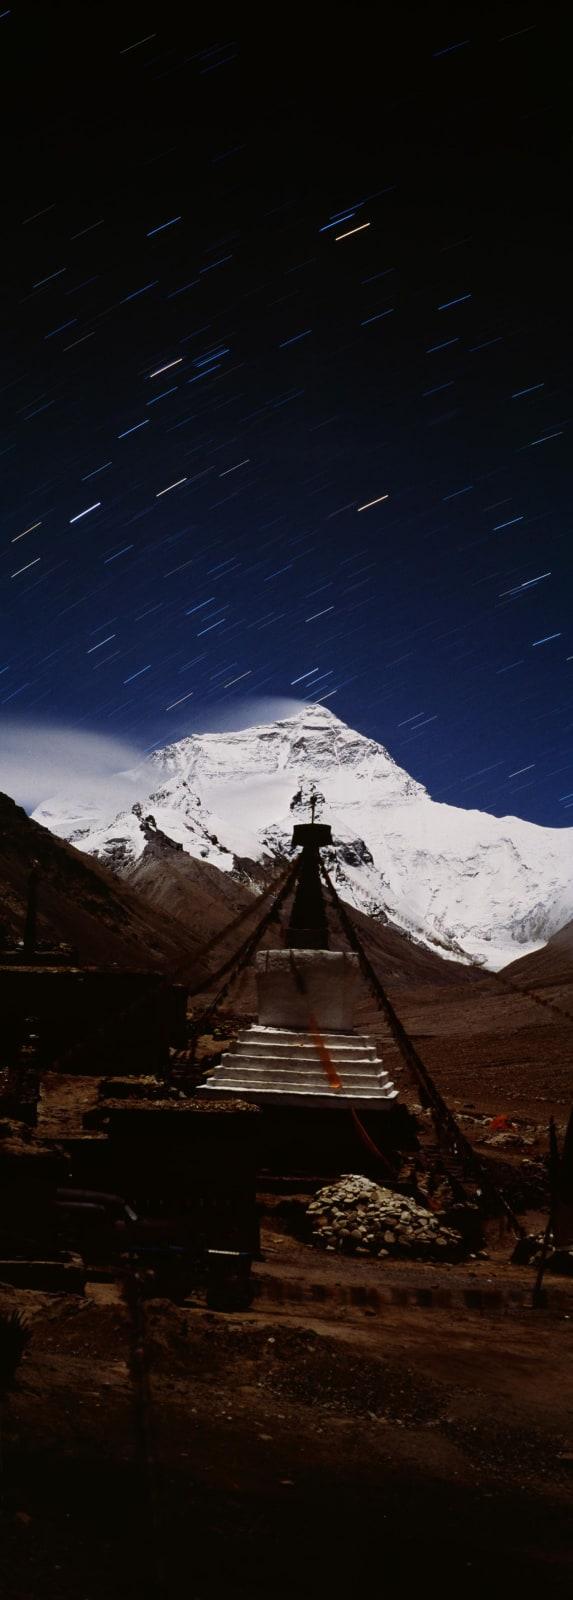 Matjaž Krivic, Rongbuk Gompa, Tibet, 2002 – 2006